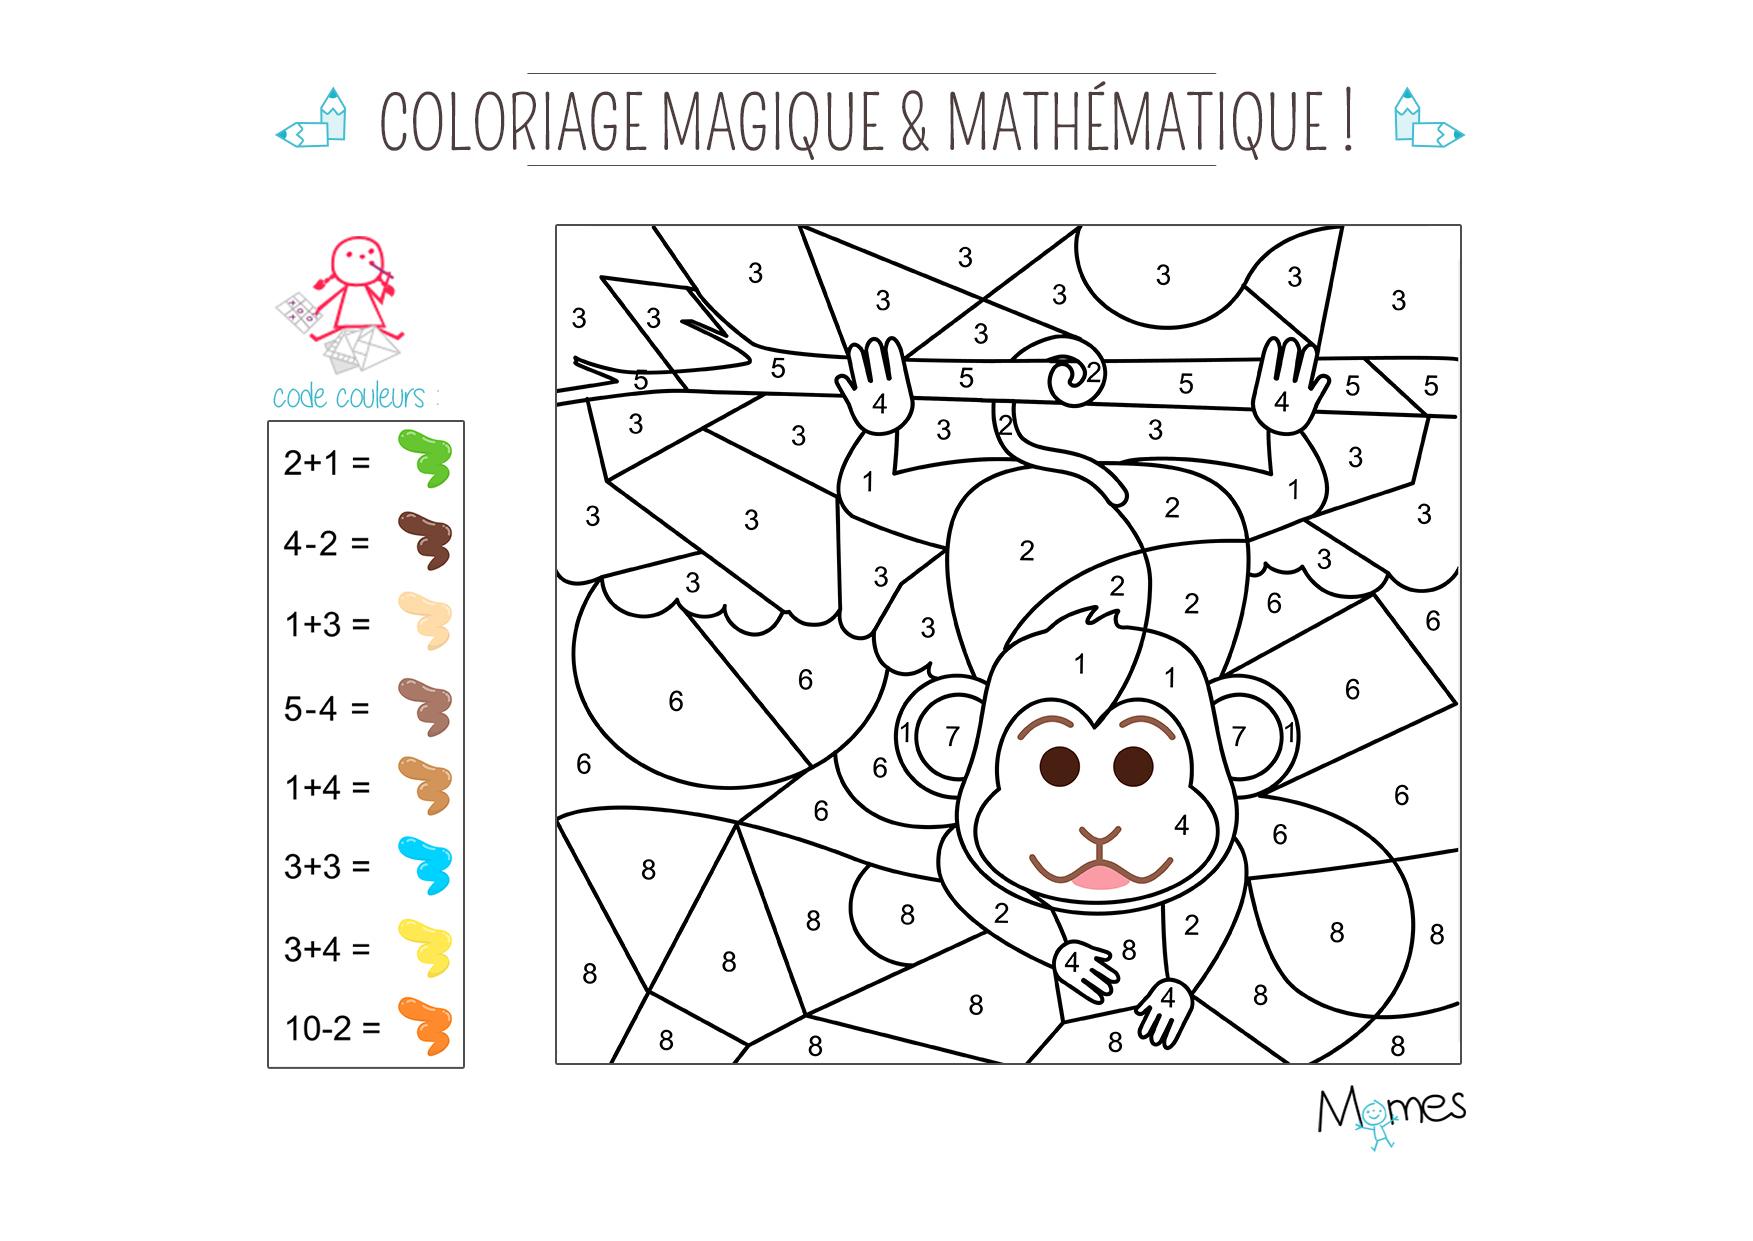 Coloriage Magique Et Mathématique : Le Singe - Momes encequiconcerne Coloriage Magique 4 Ans